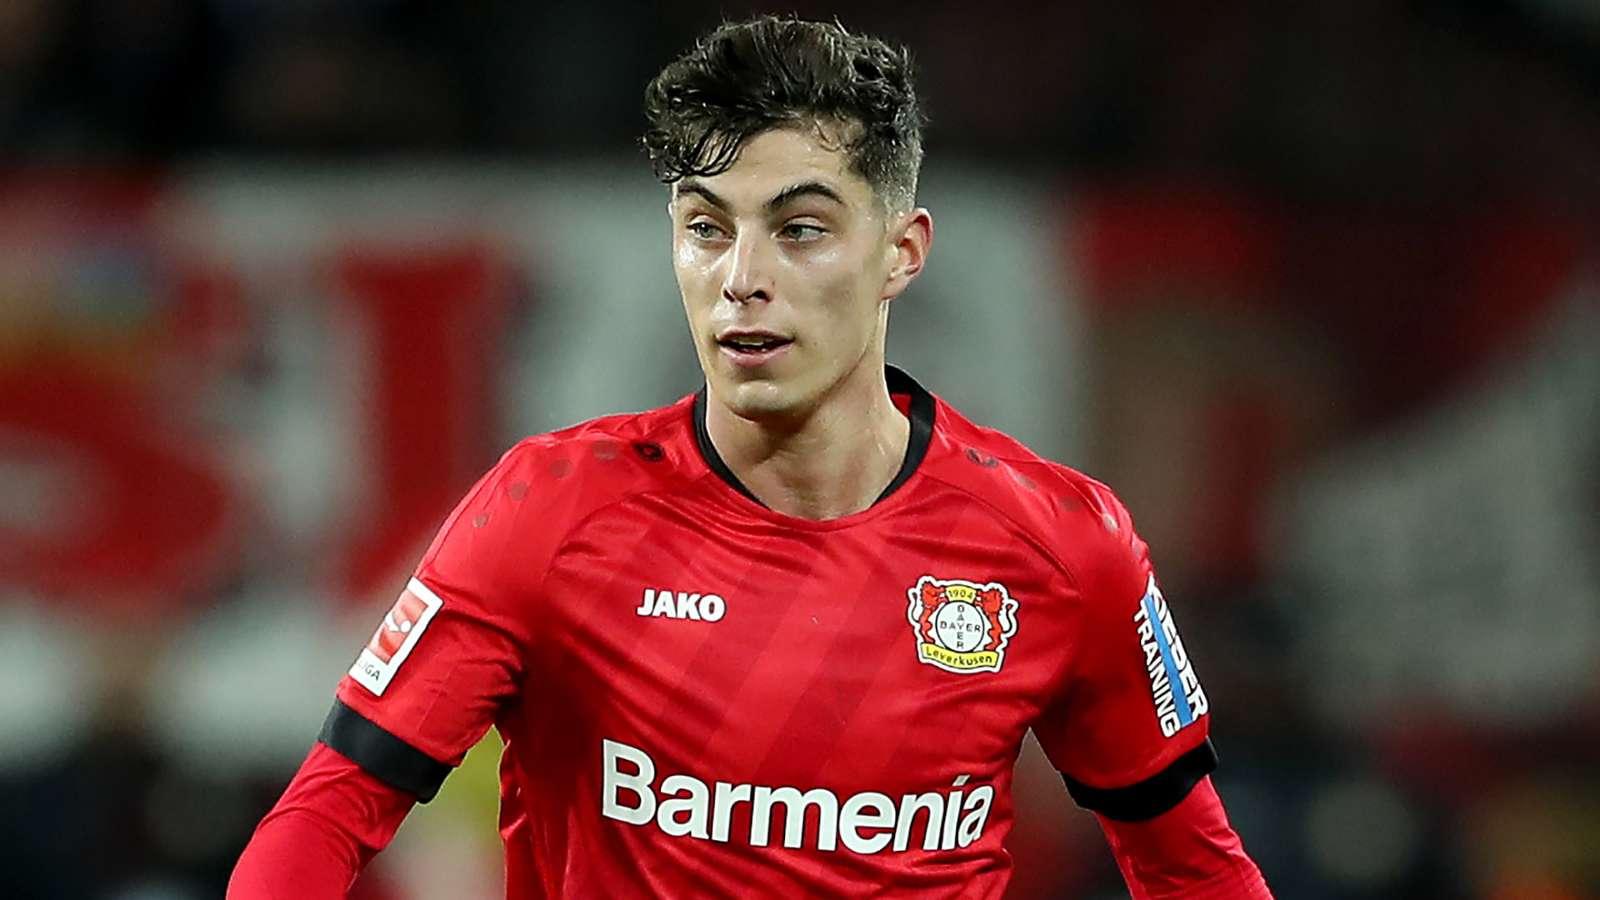 Voller tips Havertz to join 'world-class club' after Leverkusen - Bóng Đá